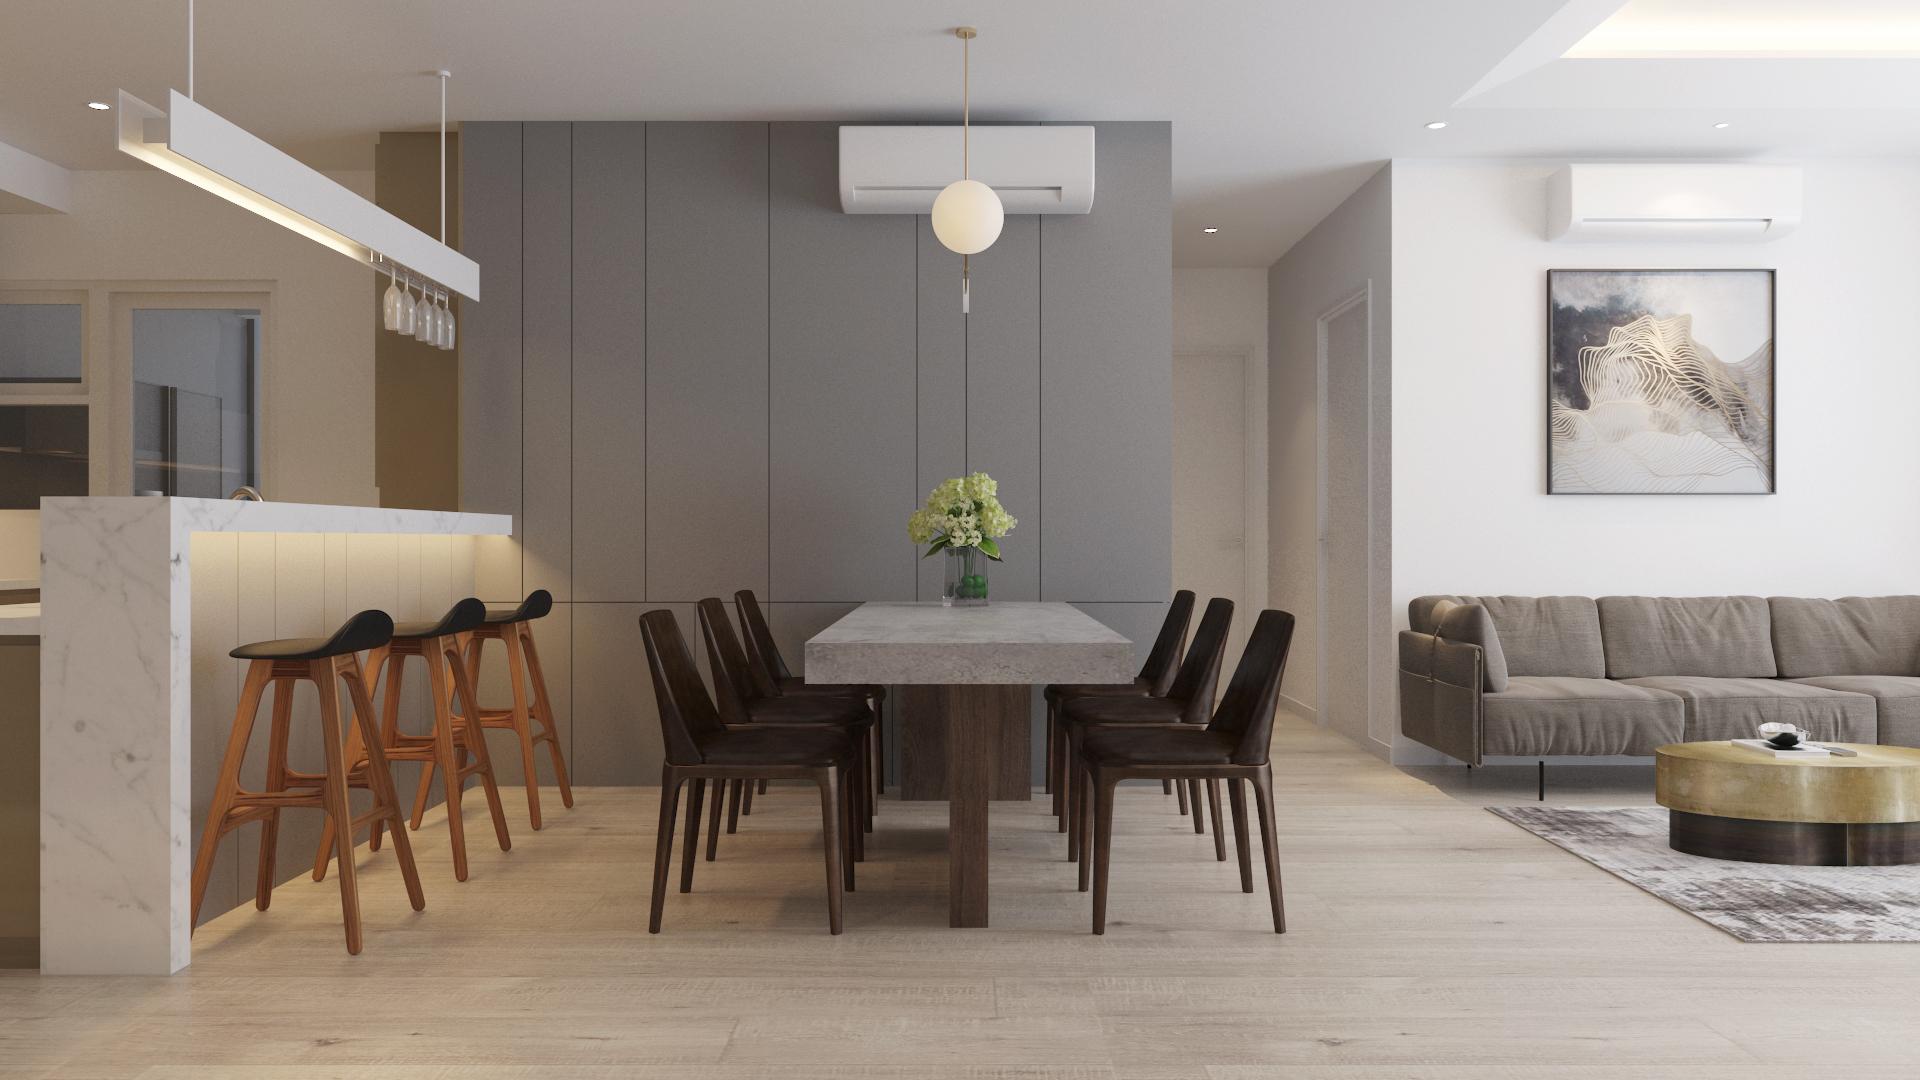 Thiết kế nội thất Chung Cư tại Hồ Chí Minh Estella Height 3107 1590740023 2